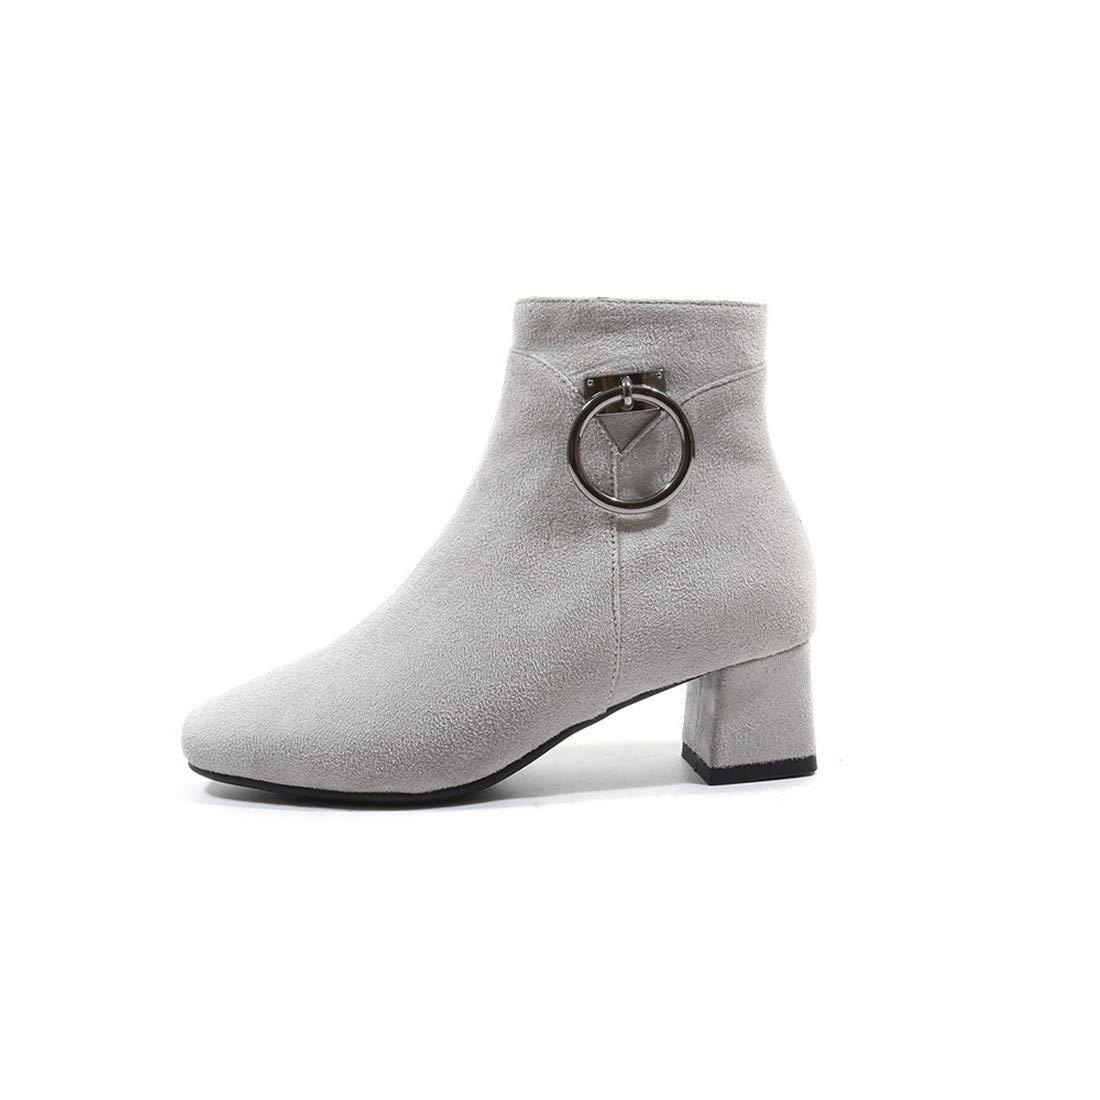 Stiefel-DEDE Damenschuhe aus Europa und den VereinigtenStaaten  Winter mit großen kurzen Stiefeln